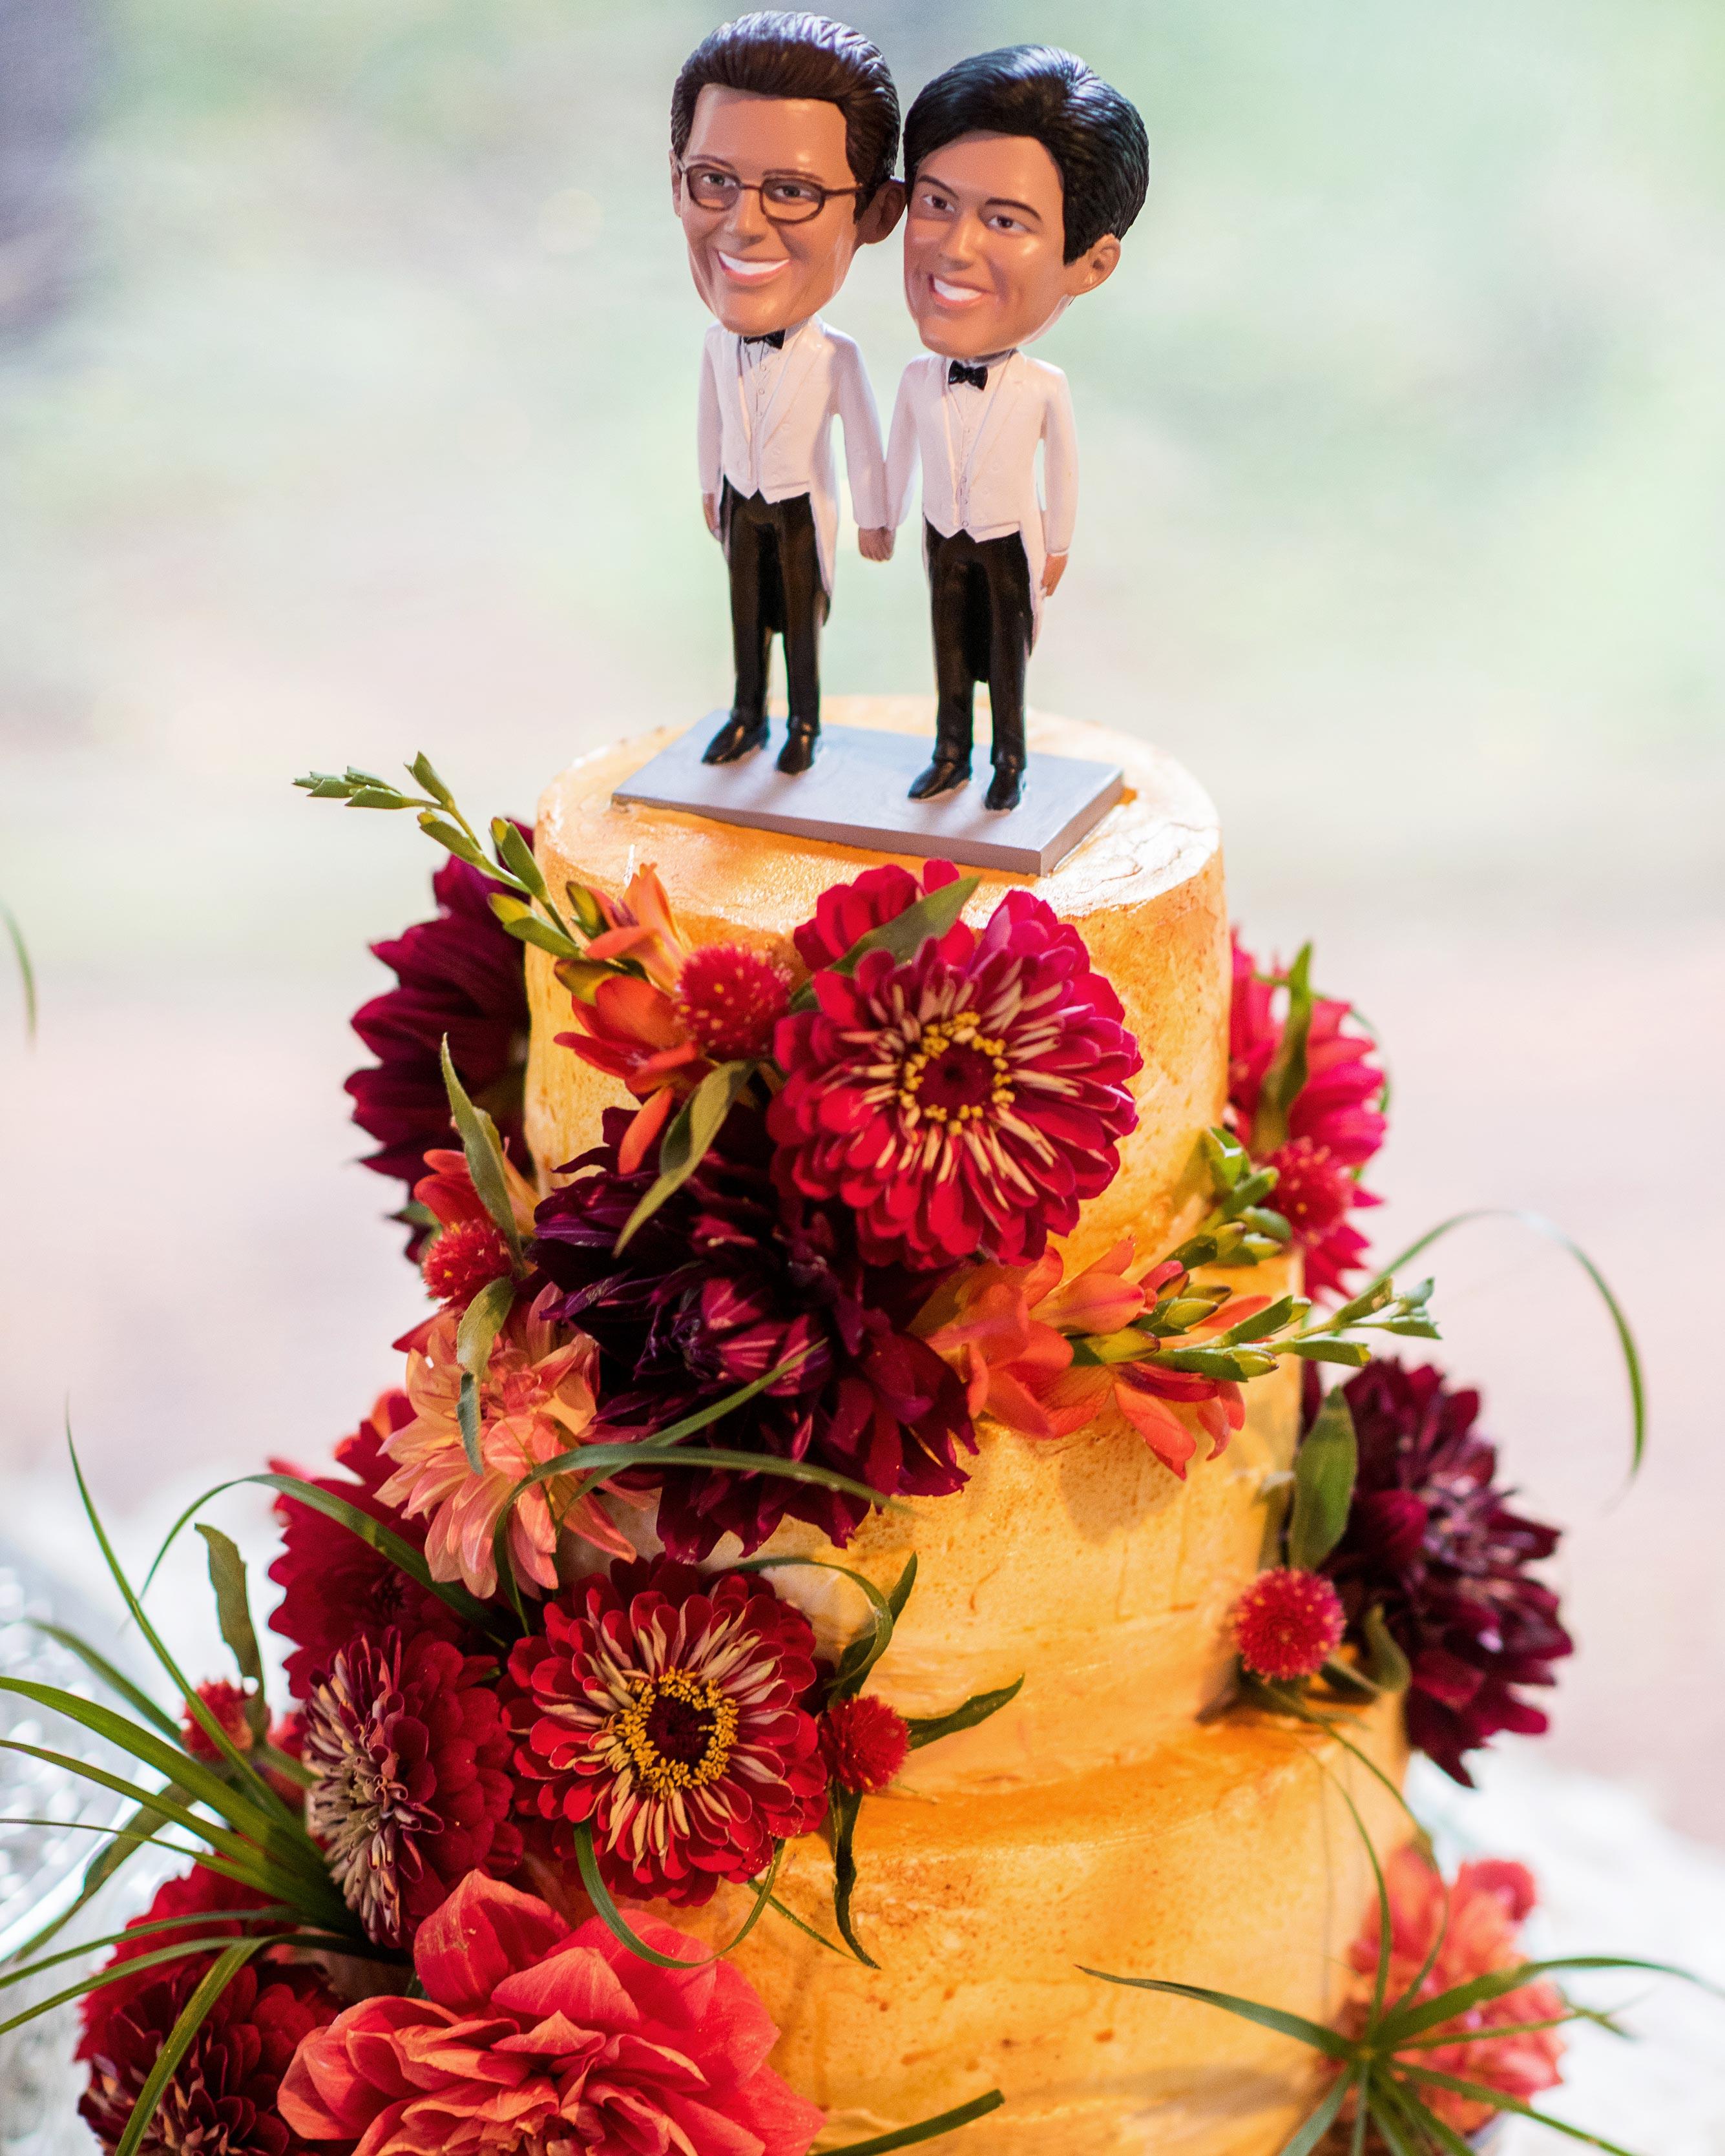 christopher-stephen-wedding-cake-0764-s112787-0416.jpg